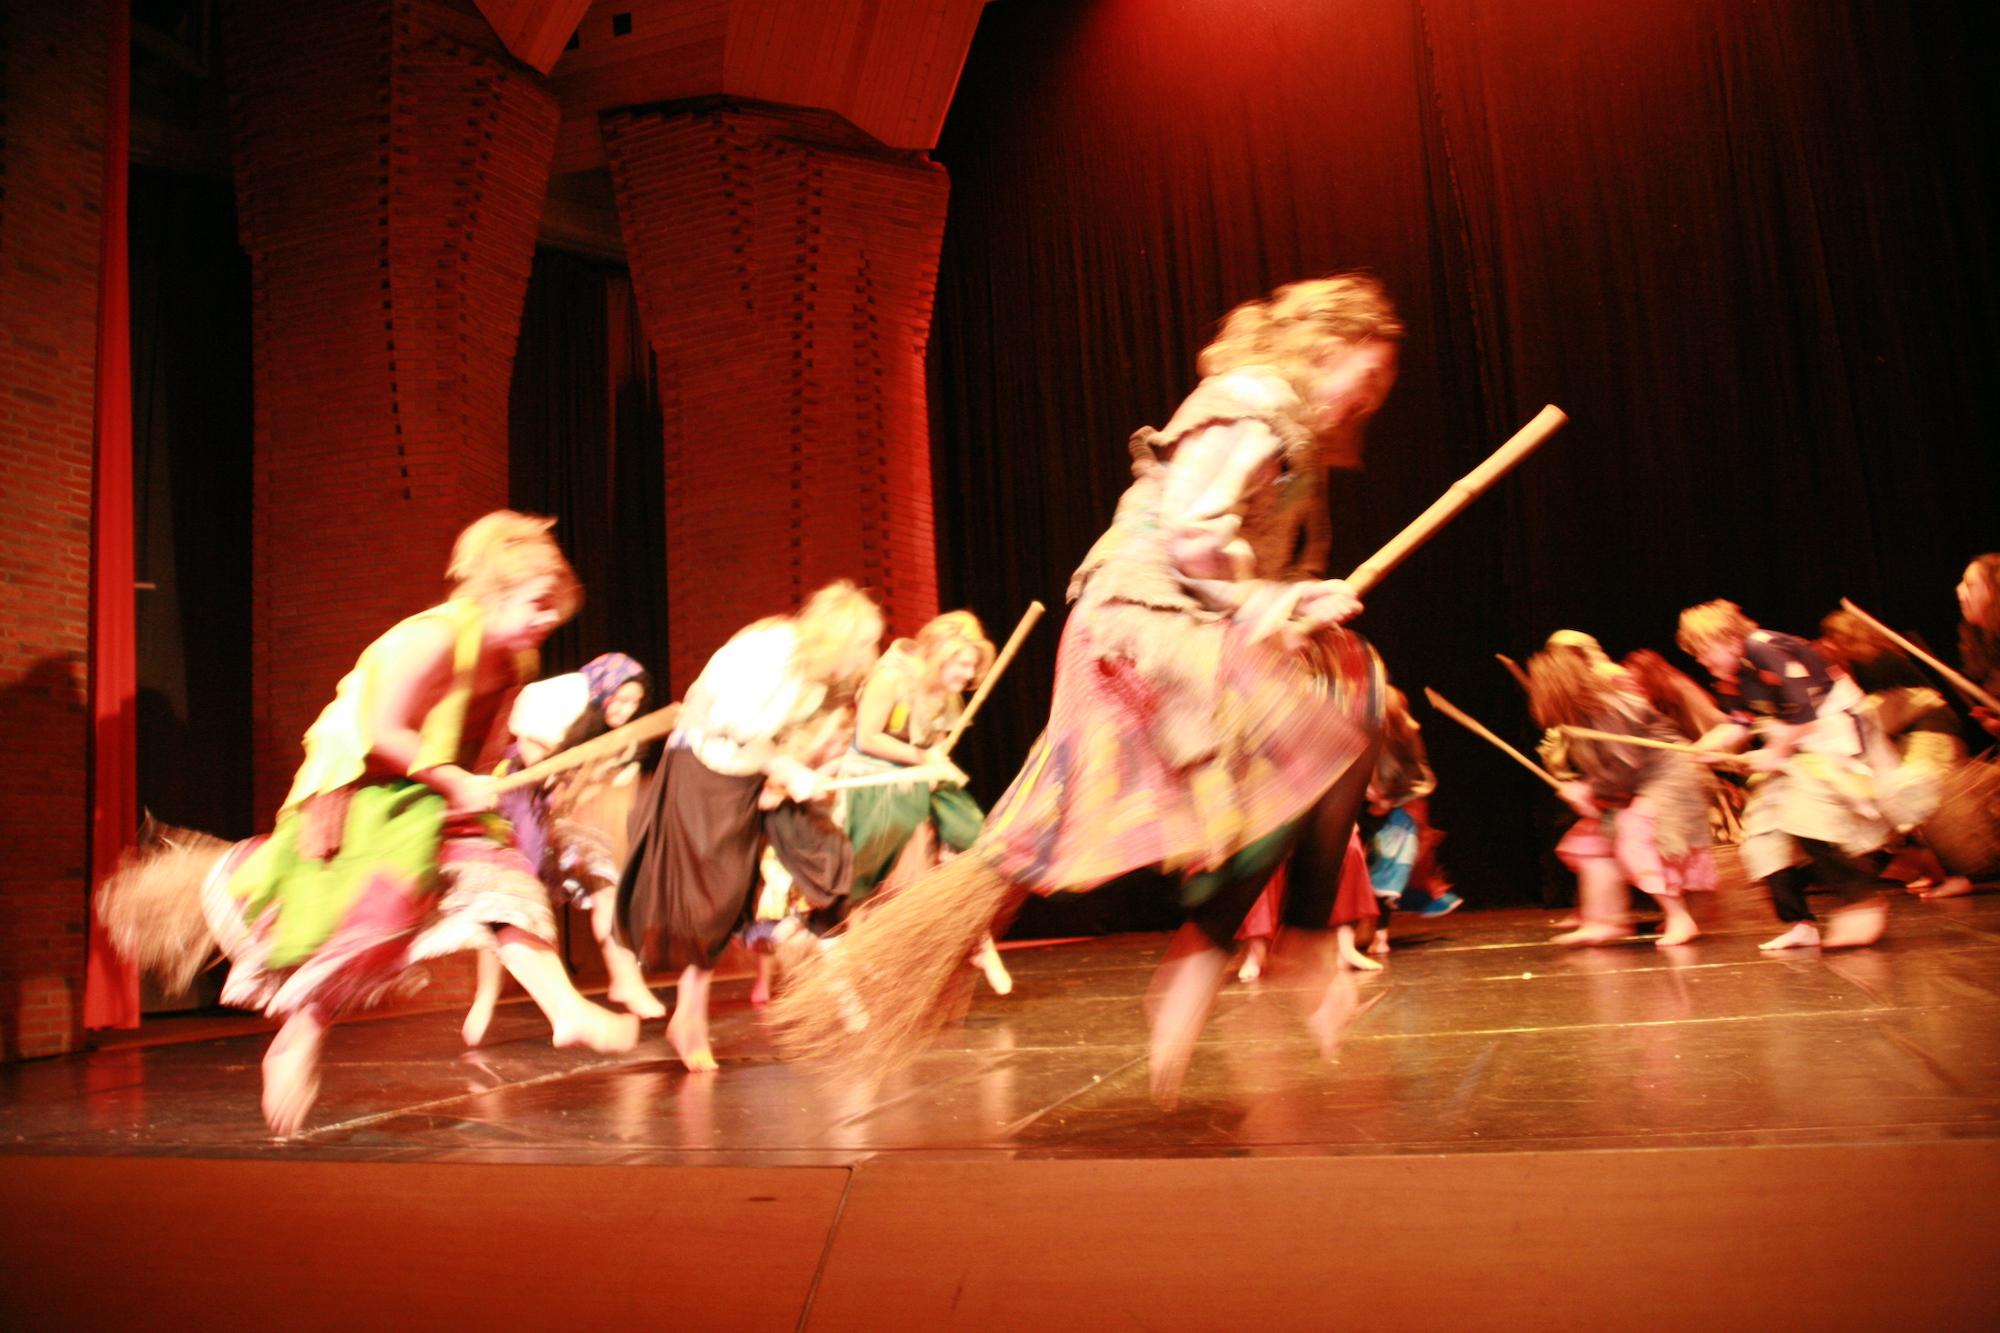 9-IMG_0265lolaroggeschule-kinderauffuehrung-diekleinehexe-herve-2006